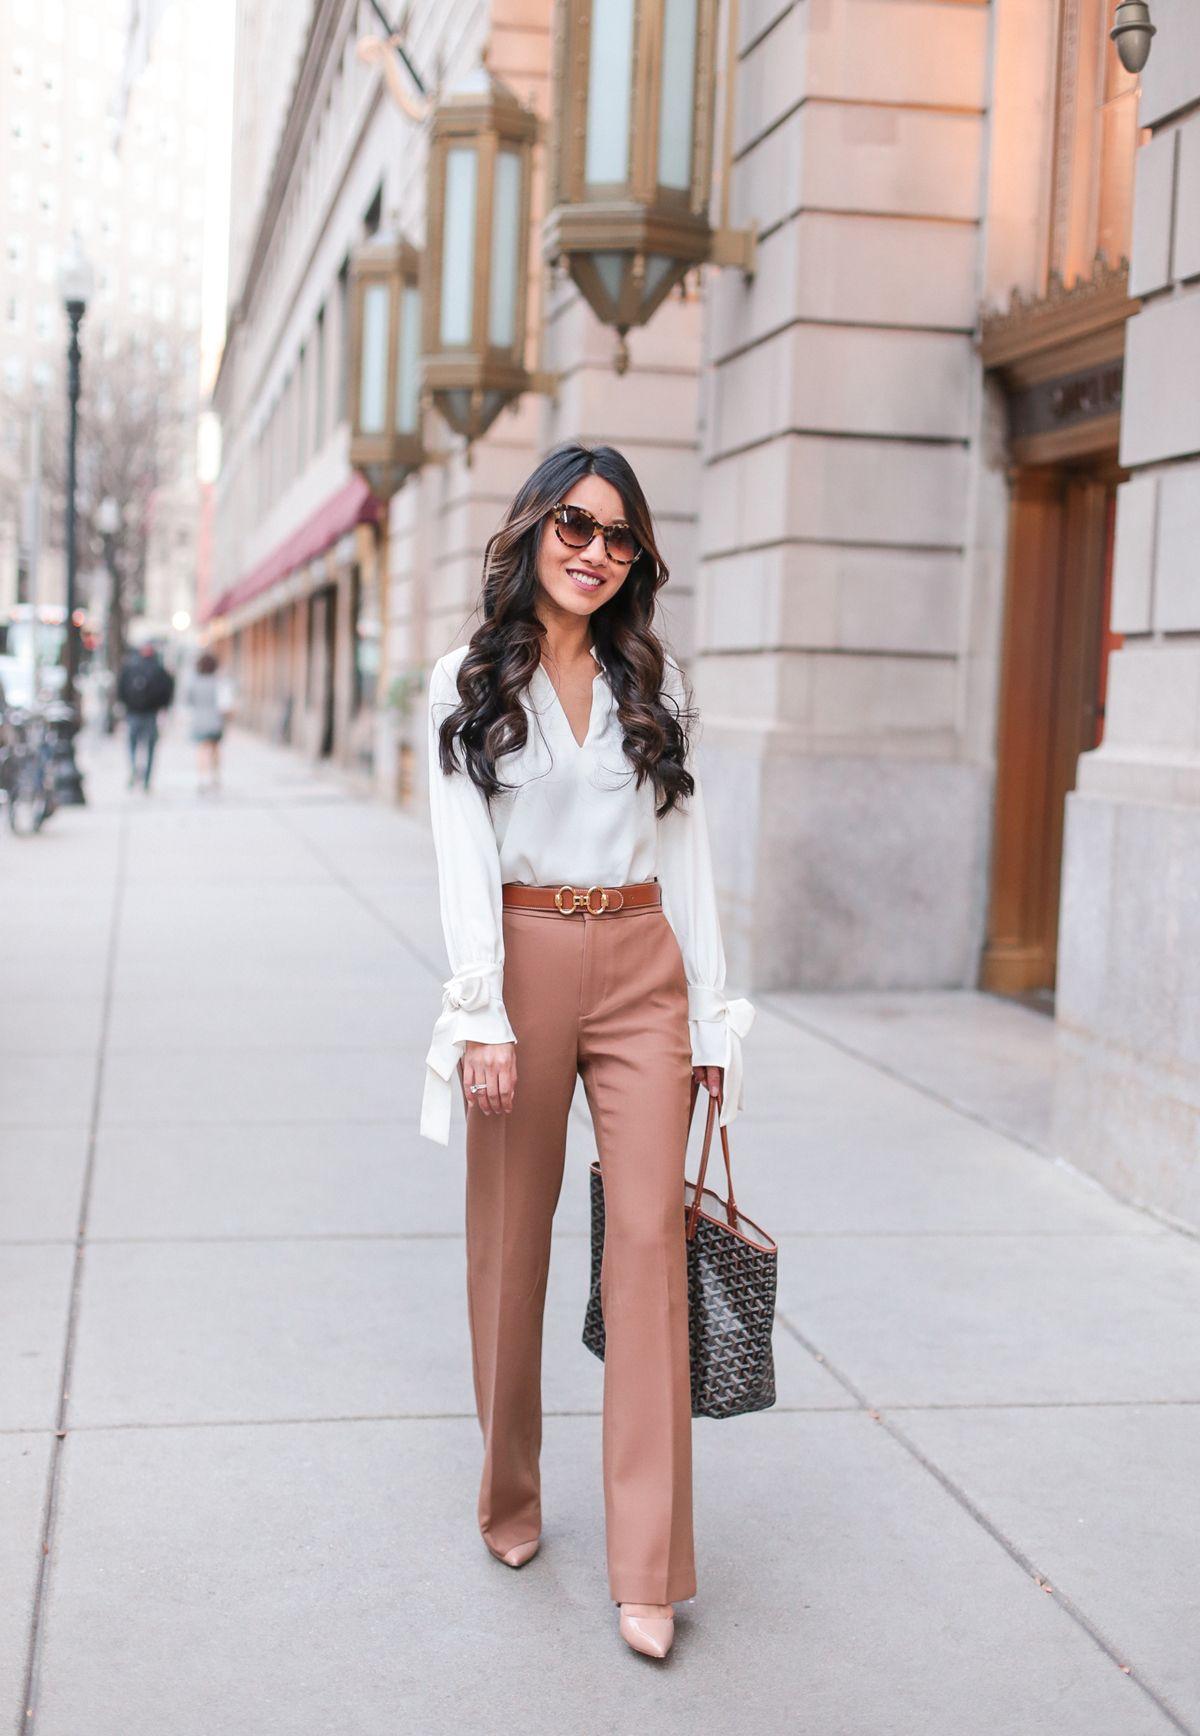 Fantastic Fall Fashion Outfits Classy Casual